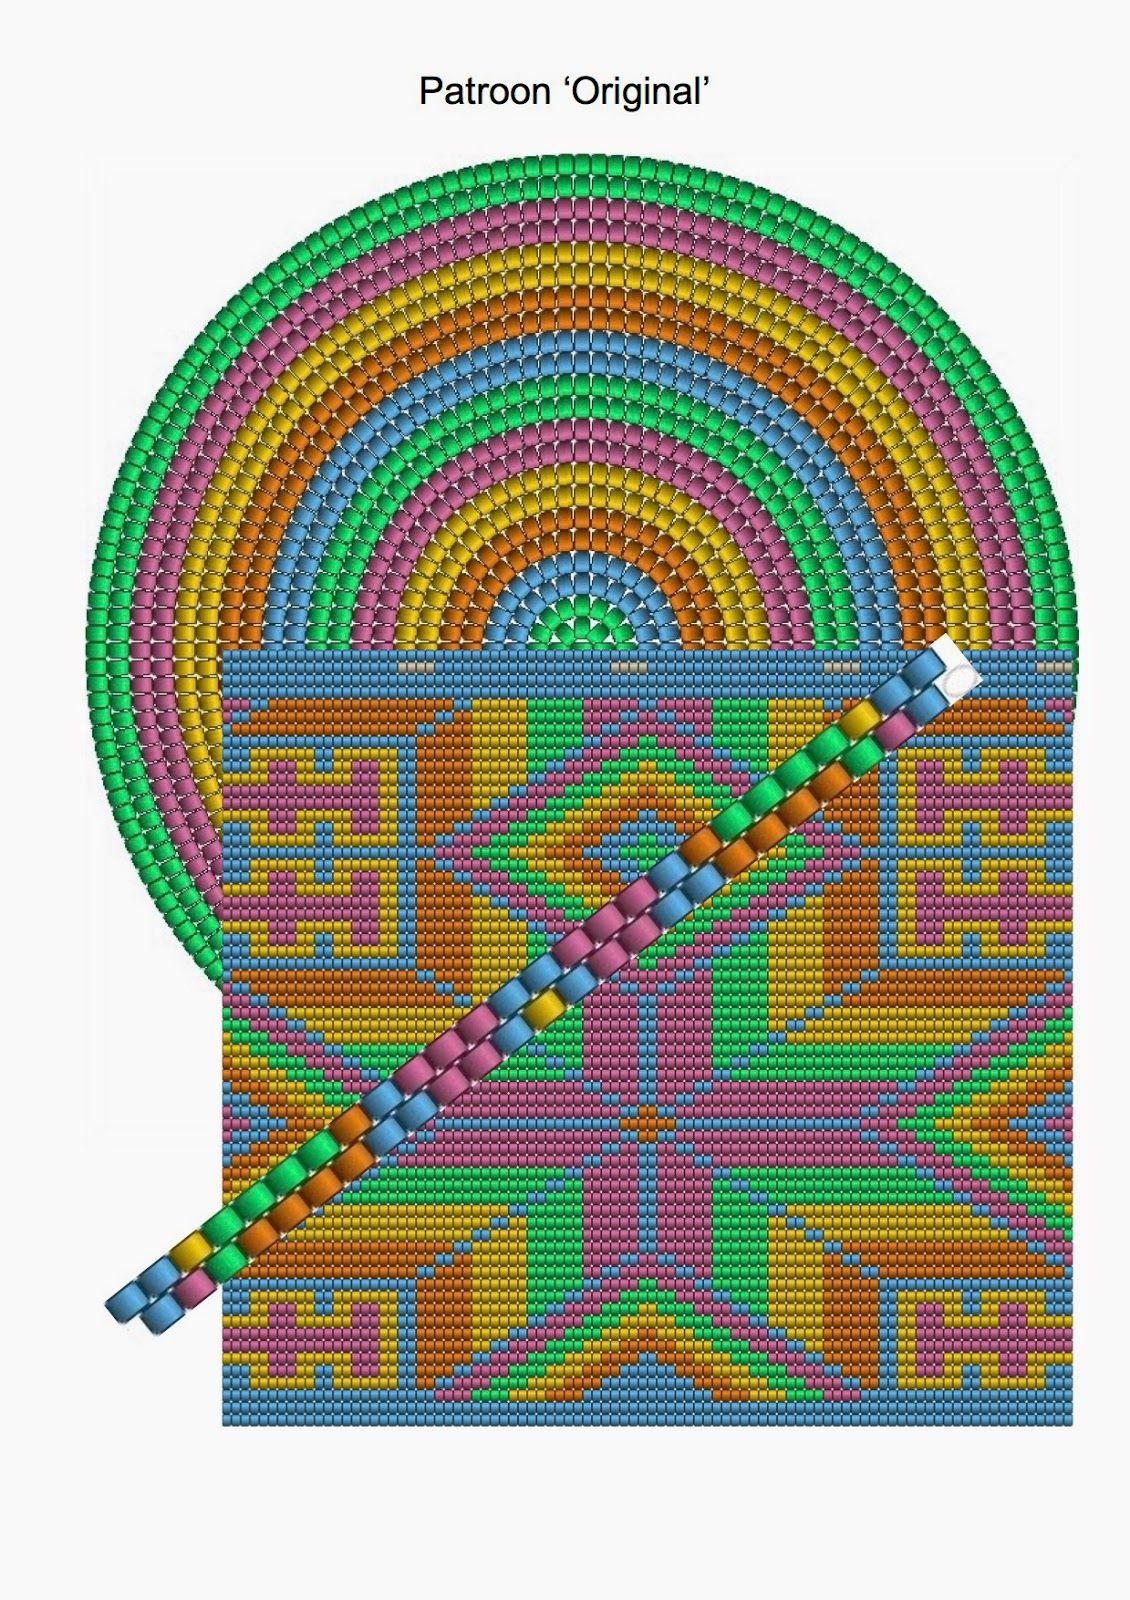 Tijd gevonden om weer een nieuw patroon te maken. Dit patroon wilde ik zelf al heel lang een keer maken.